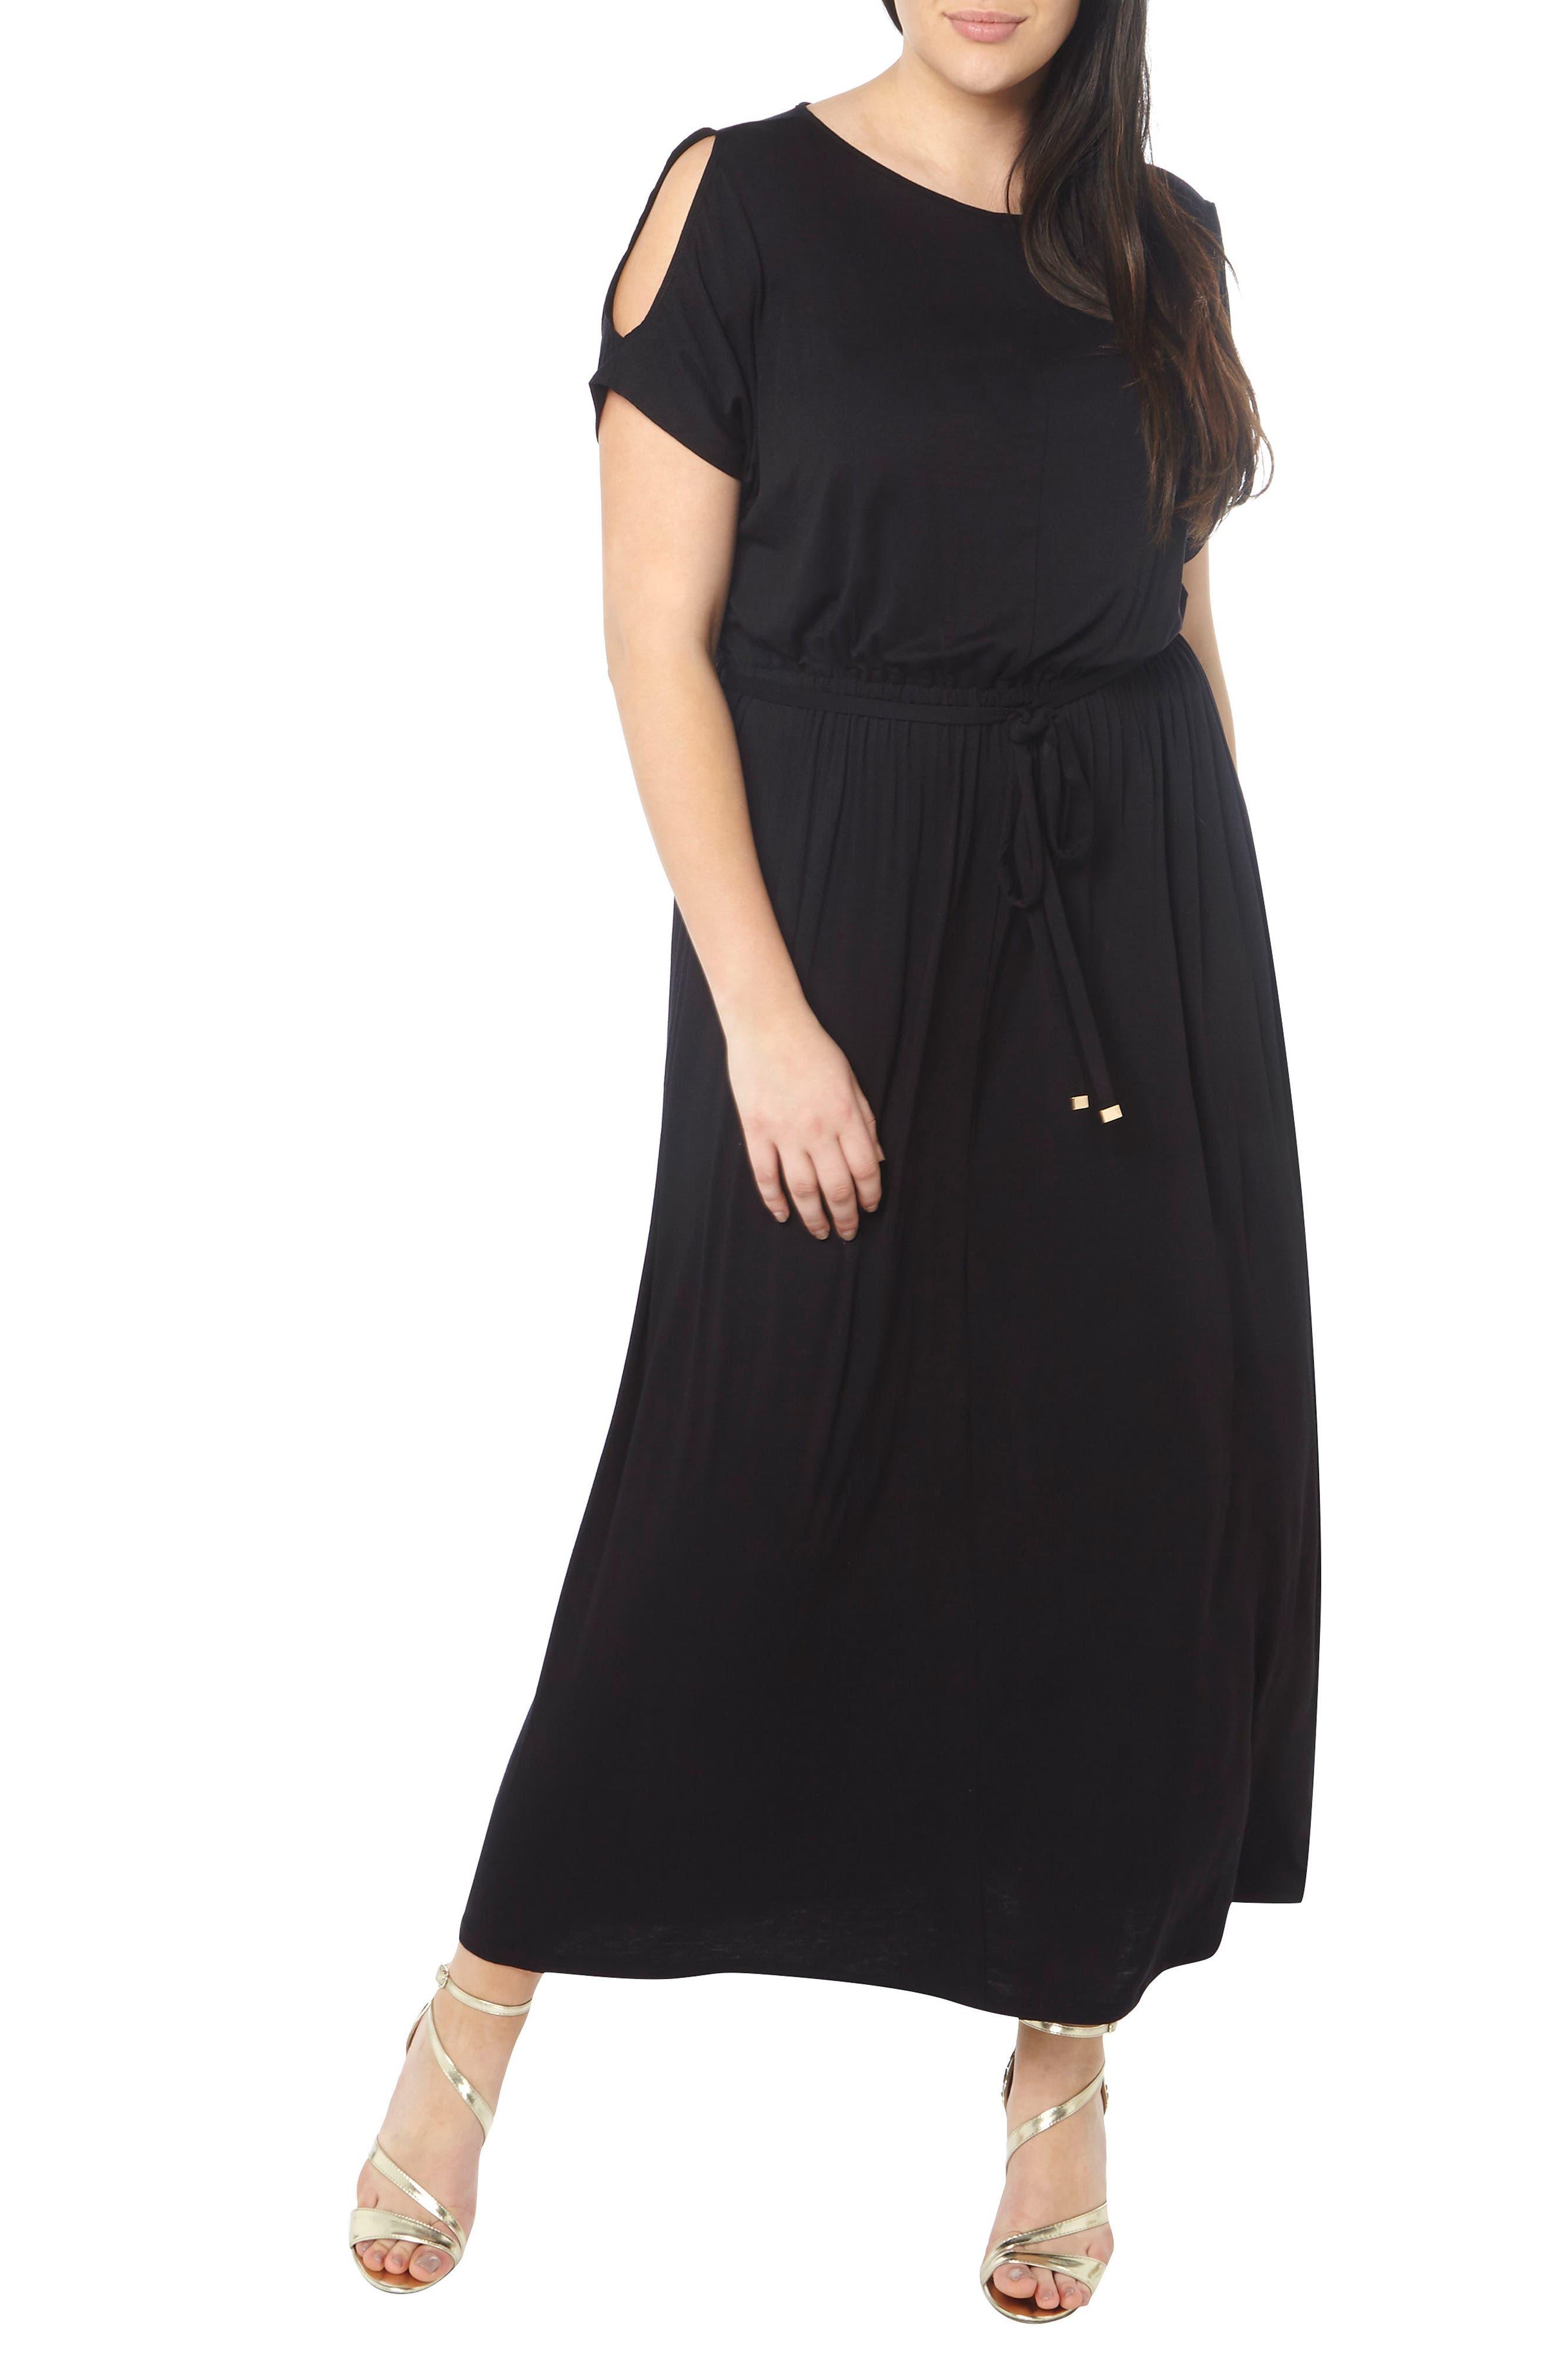 DOROTHY PERKINS Cold Shoulder Jersey Maxi Dress